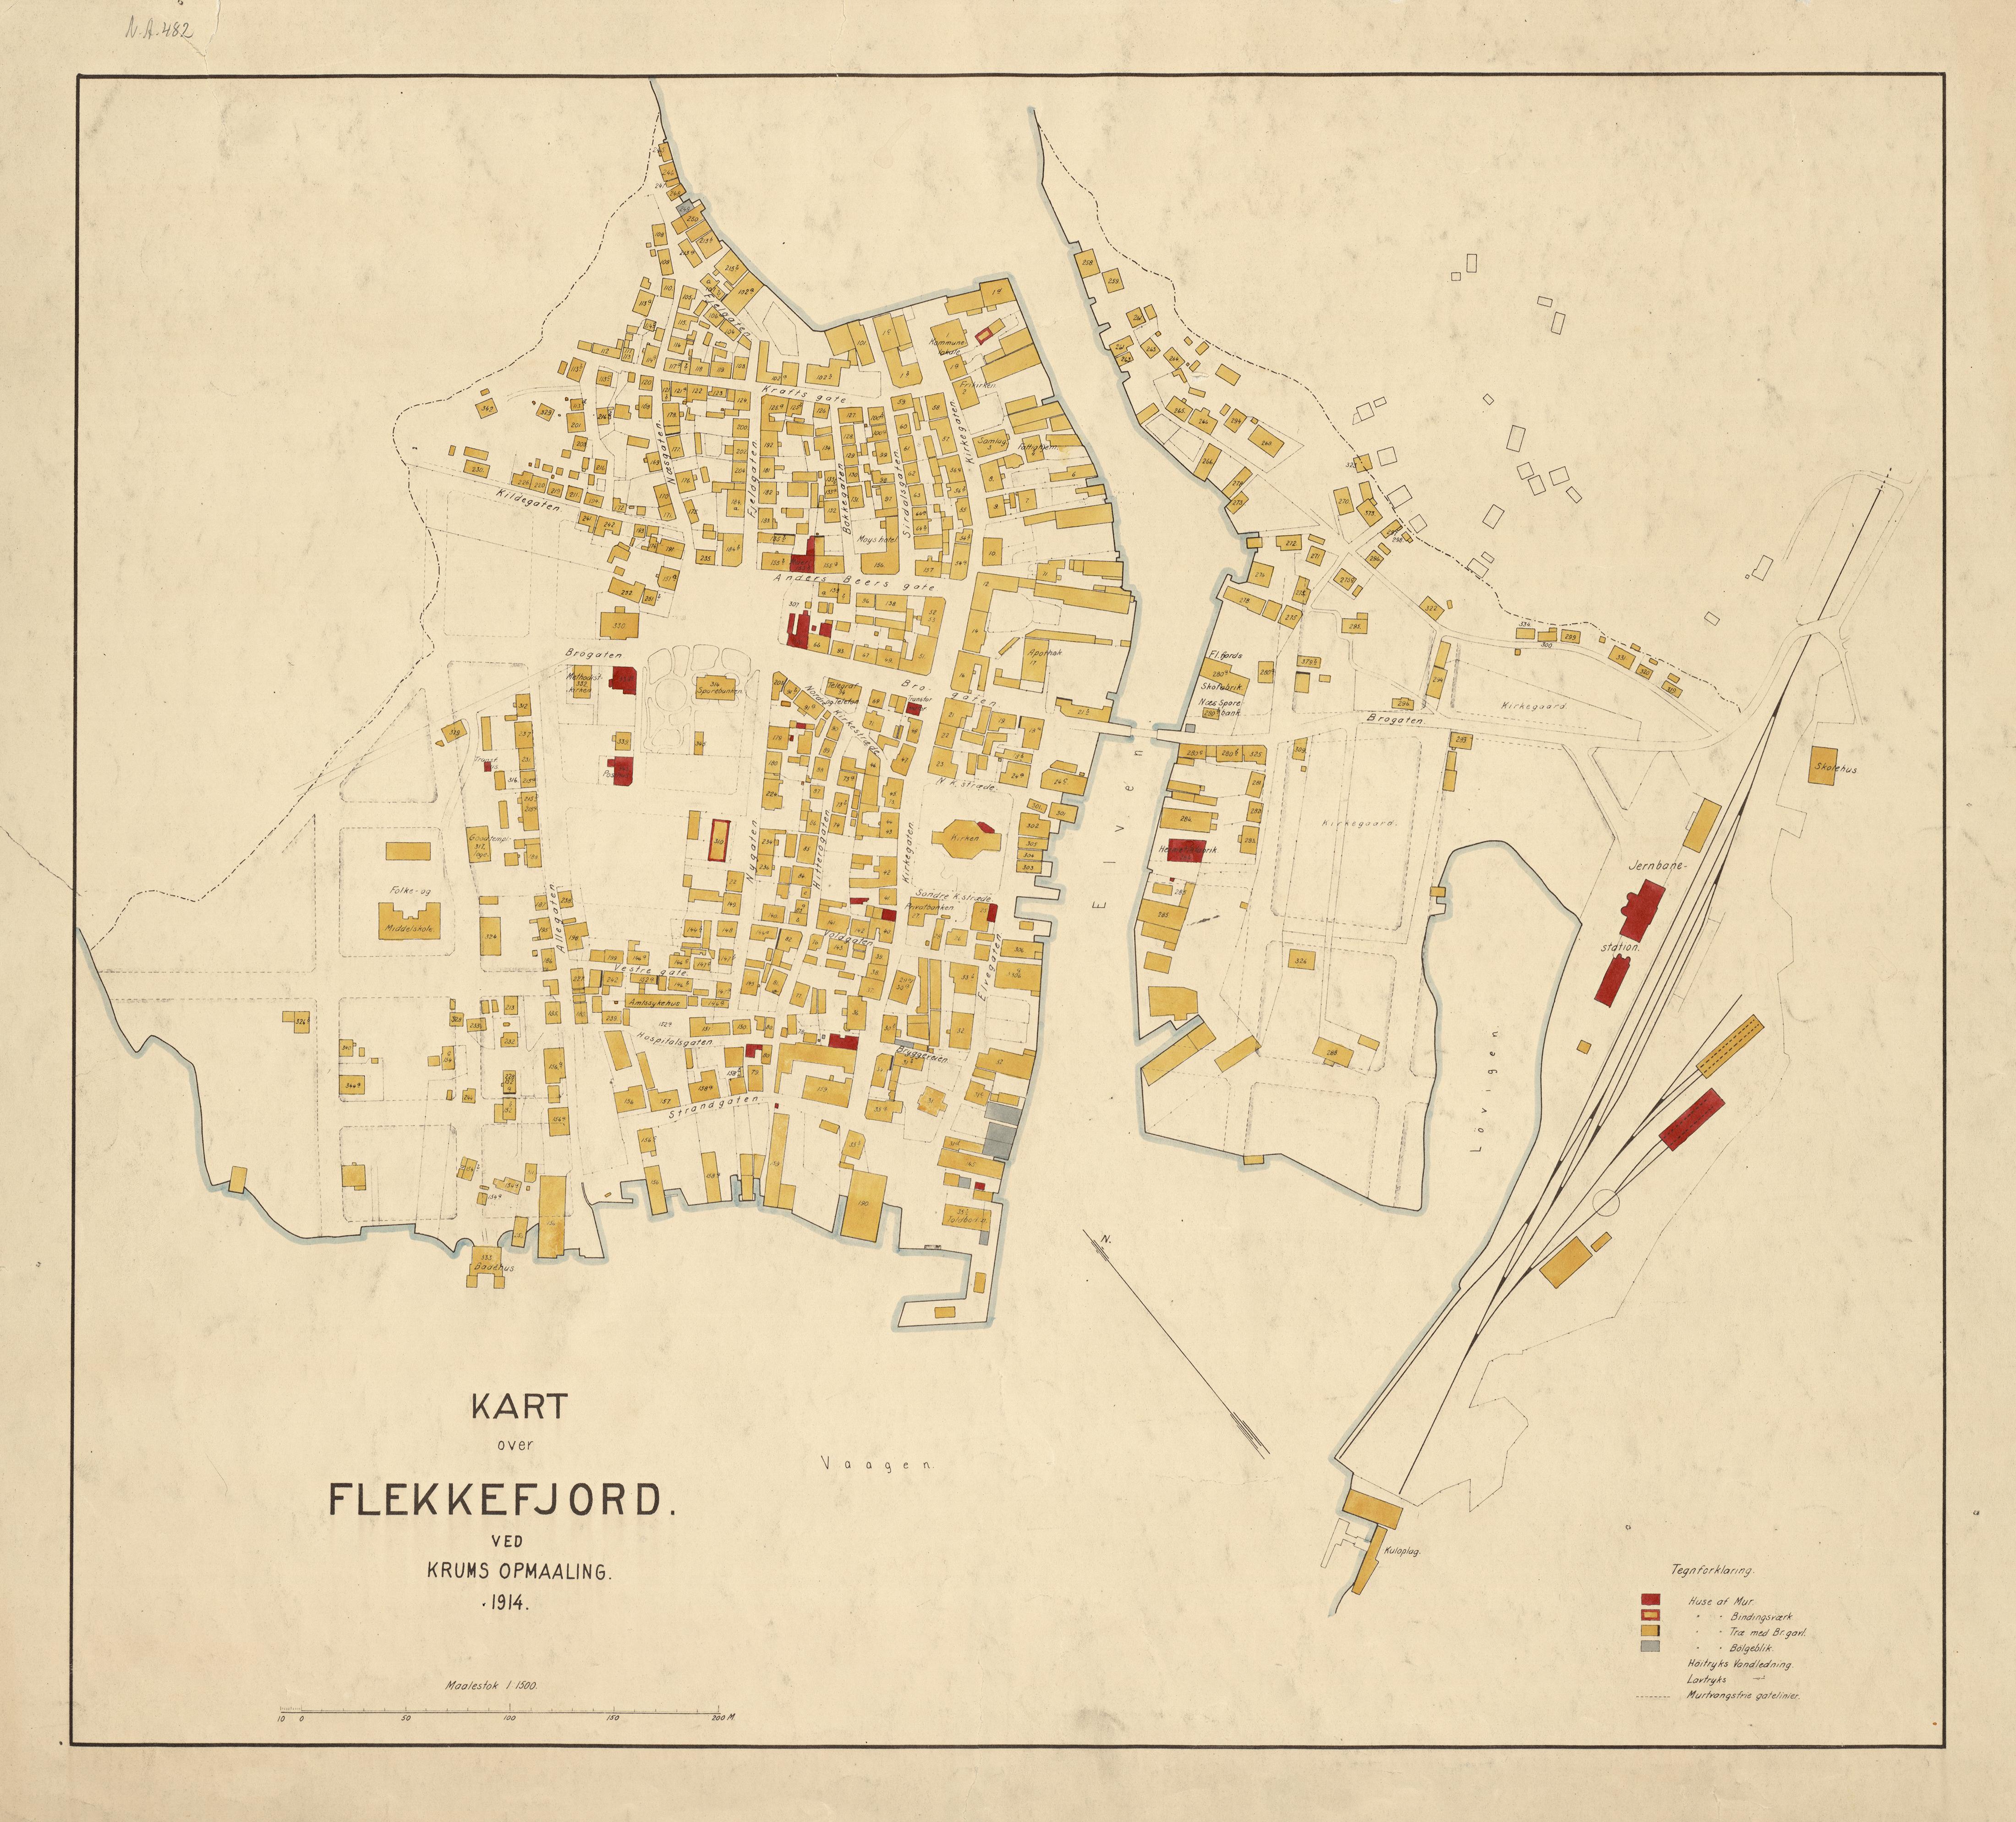 FileKart over Flekkefjord 1914 Nonb krt 01284jpg Wikimedia